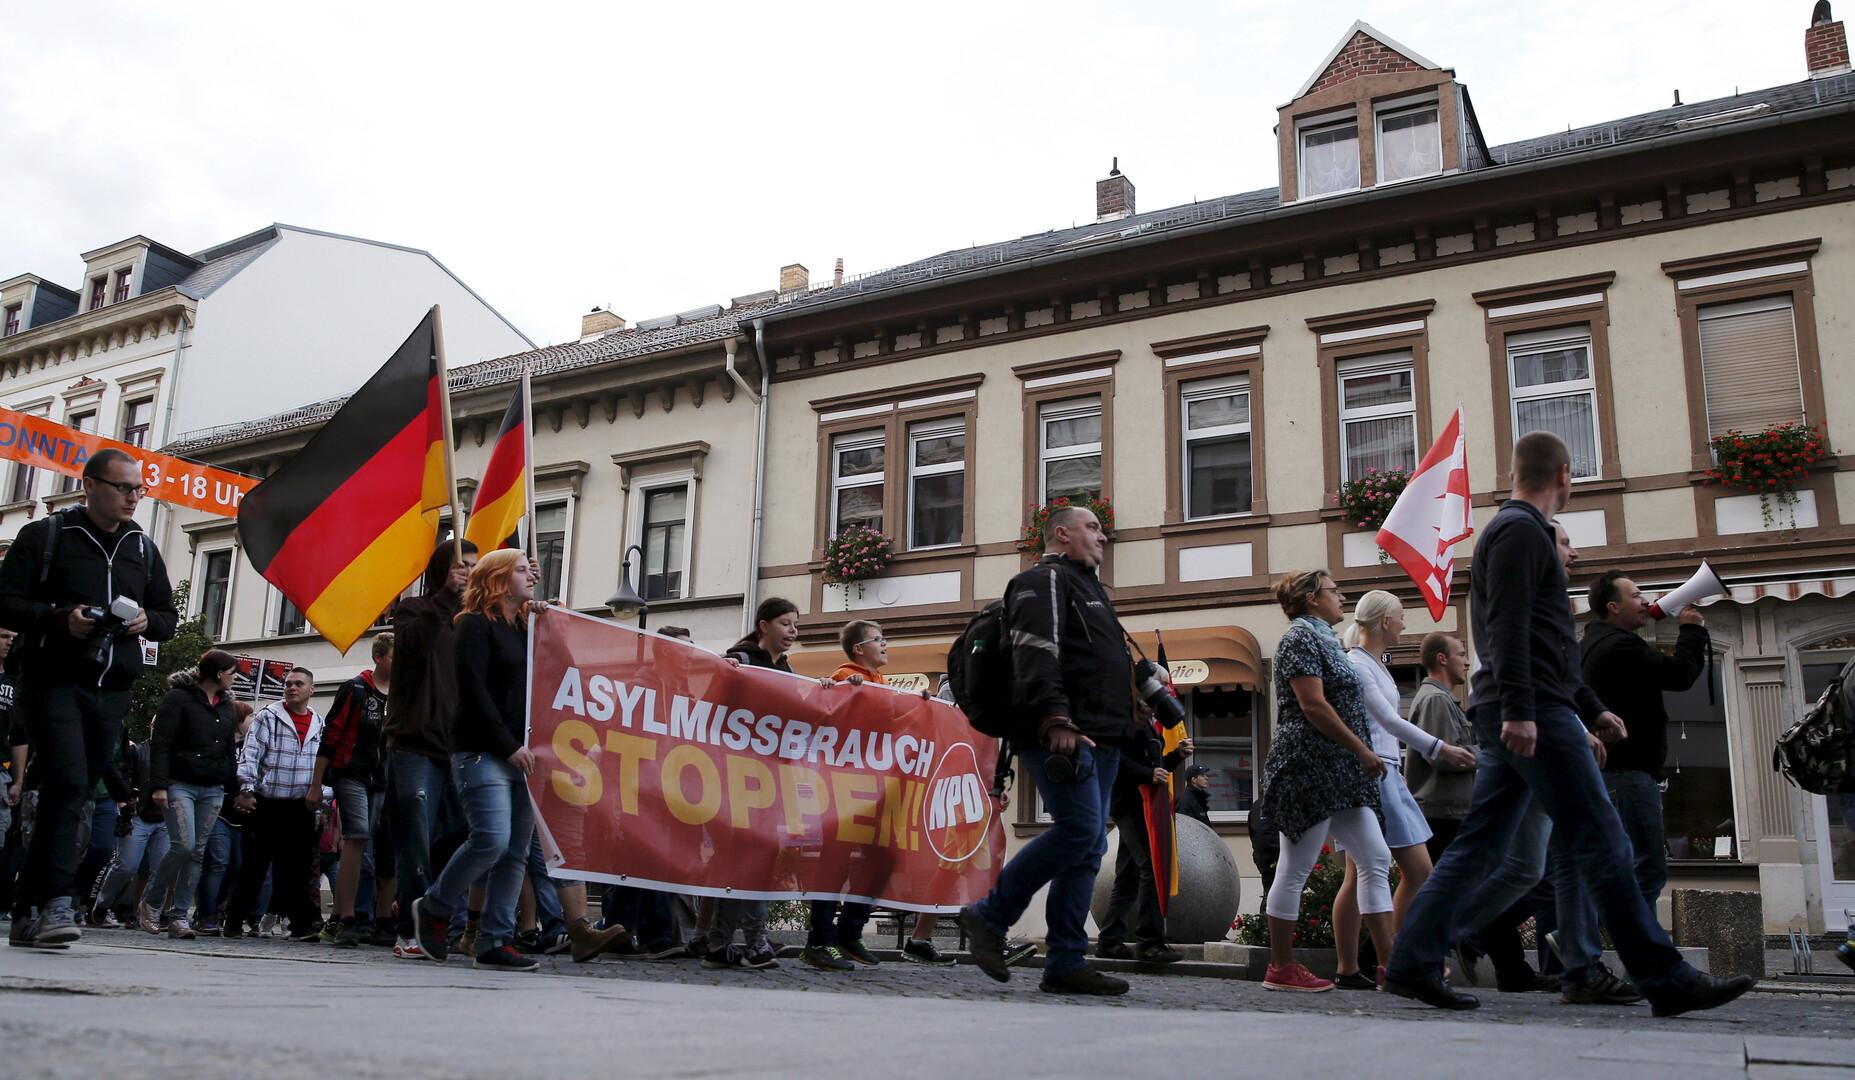 قرية غربي ألمانيا تنتخب عضوا من حزب للنازيين الجدد رئيسا لمجلسها